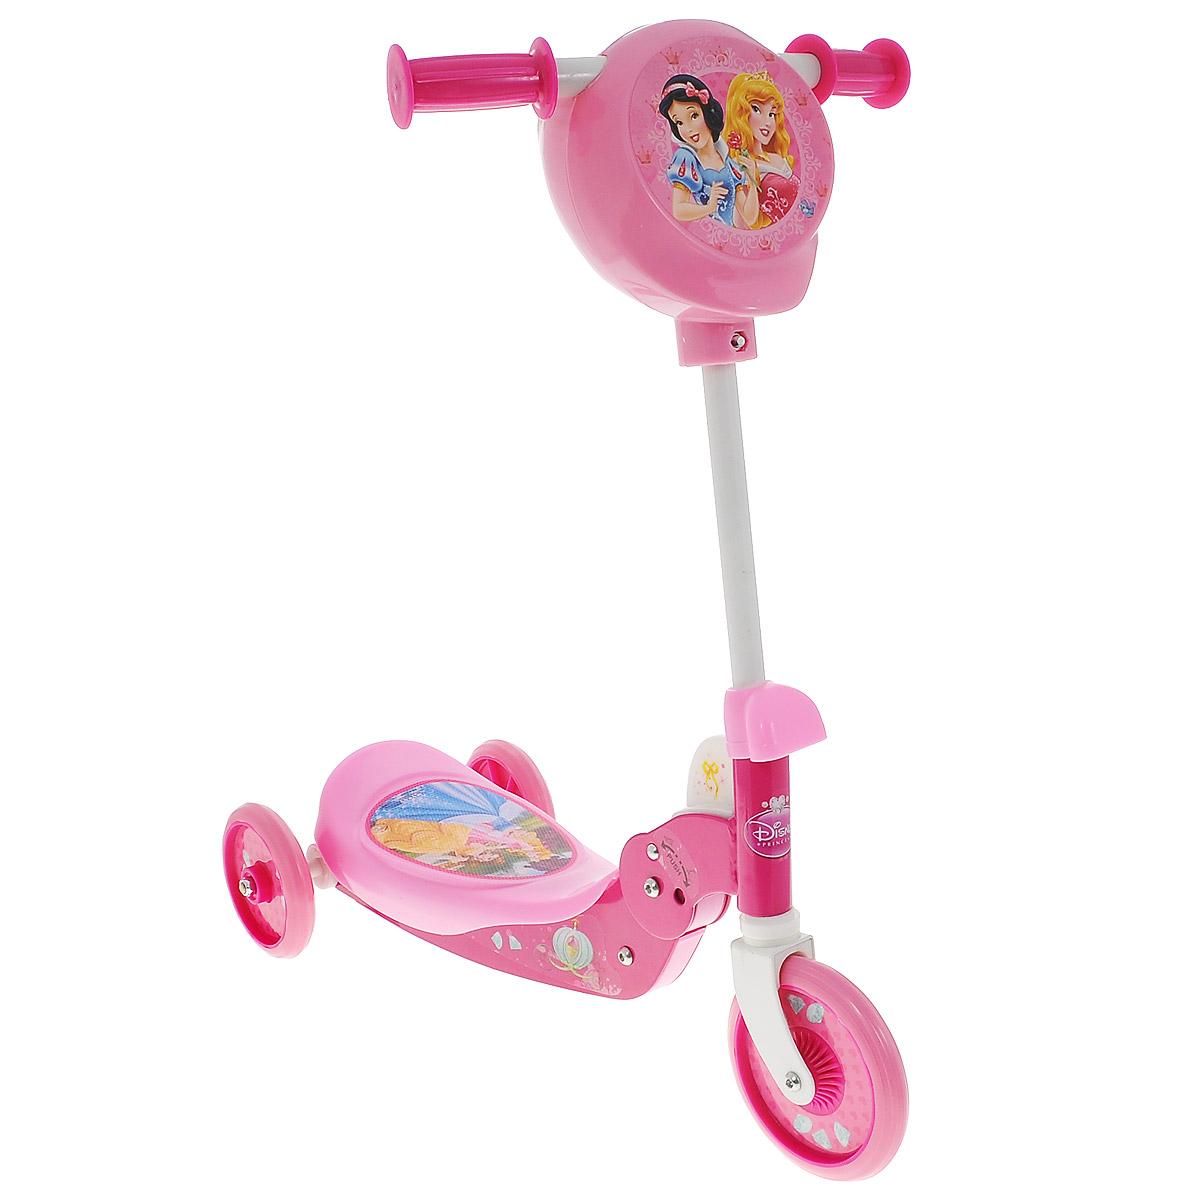 Mondo Трехколесный самокат Принцессы Дисней, цвет: розовый338578Детский трехколесный самокат Принцессы Дисней с изображением героев любимых мультфильмов обязательно понравится вашему ребенку.Дека и руль самоката выполнены из прочного и легкого металла, руль регулируется по высоте. Площадка для ног снабжена противоскользящим покрытием, на котором ребенку будет удобно стоять. Ручки оснащены пластиковыми рельефными накладками, которые обеспечивают удобство при использовании. Полиуретановые колеса имеют хорошее сцепление с поверхностью и обеспечивают комфортное движение без тряски. Складная конструкция самоката облегчает транспортировку и хранение самоката. Площадка для ног у самоката поднимается при нажатии на желтую большую кнопку и открывает пространство, куда можно положить любимую игрушку, или бутылочку с водой. На руле также имеется пластиковый карман для необходимых мелочей. Самокат - это очень удобное средство передвижения. На нем можно не только кататься во дворе, но и отправиться на прогулку, объезжая прохожих и препятствия. Трехколесный самокат Принцессы Дисней от Mondo не имеет аналогов. Он складывается таким образом, что его невероятно просто перевозить в транспорте или переносить по лестнице.